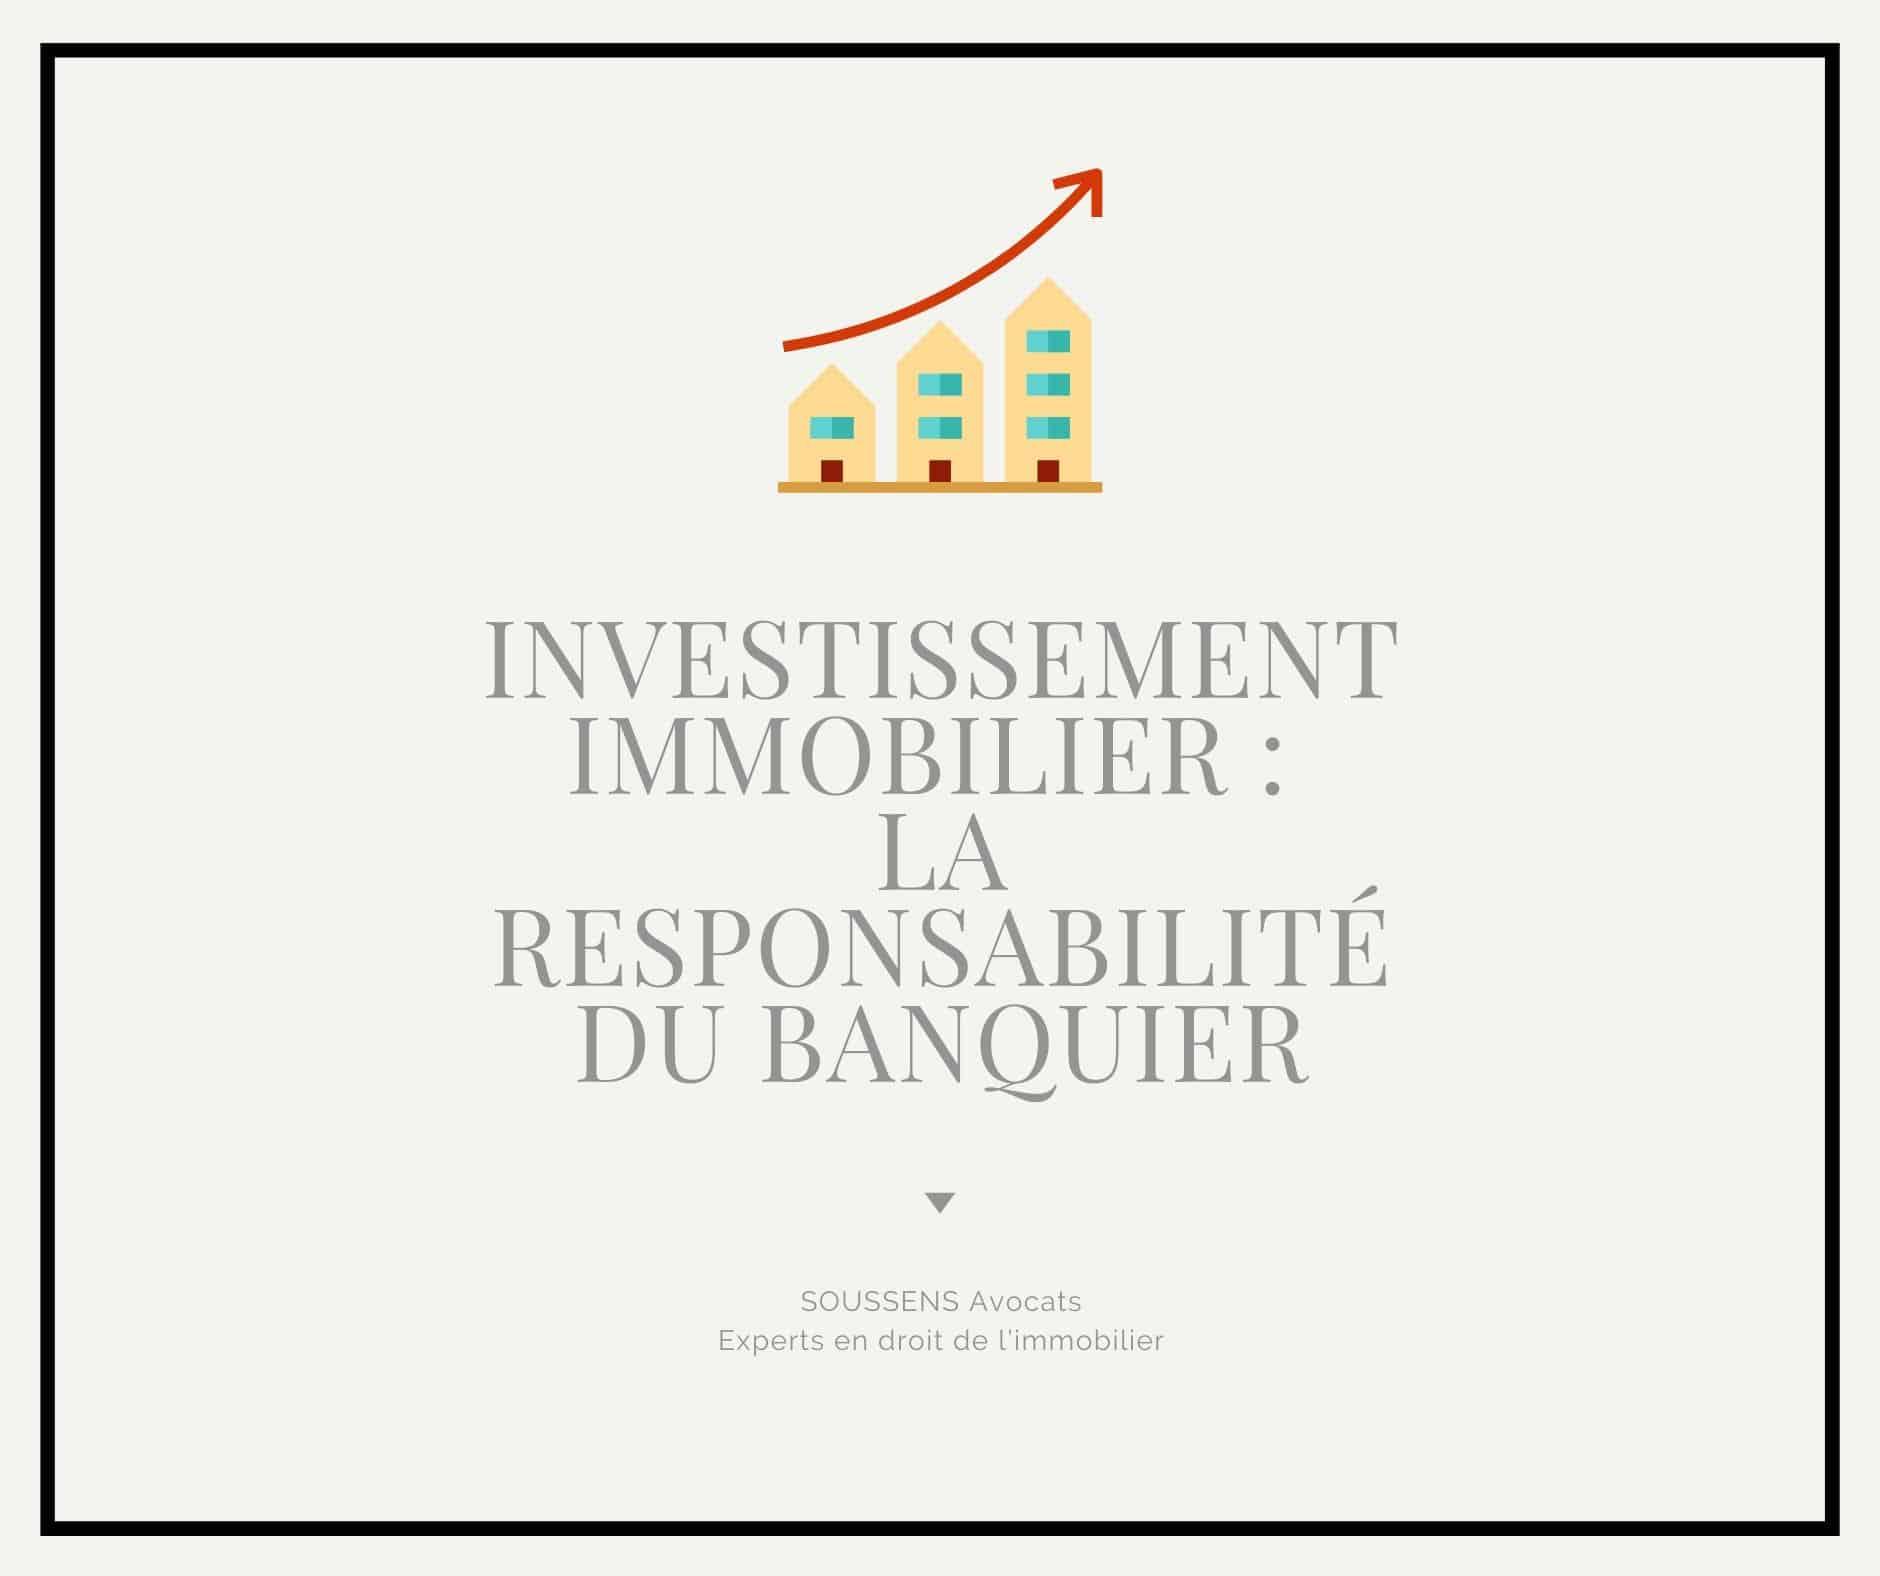 La responsabilité du banquier en matière d'investissement locatif